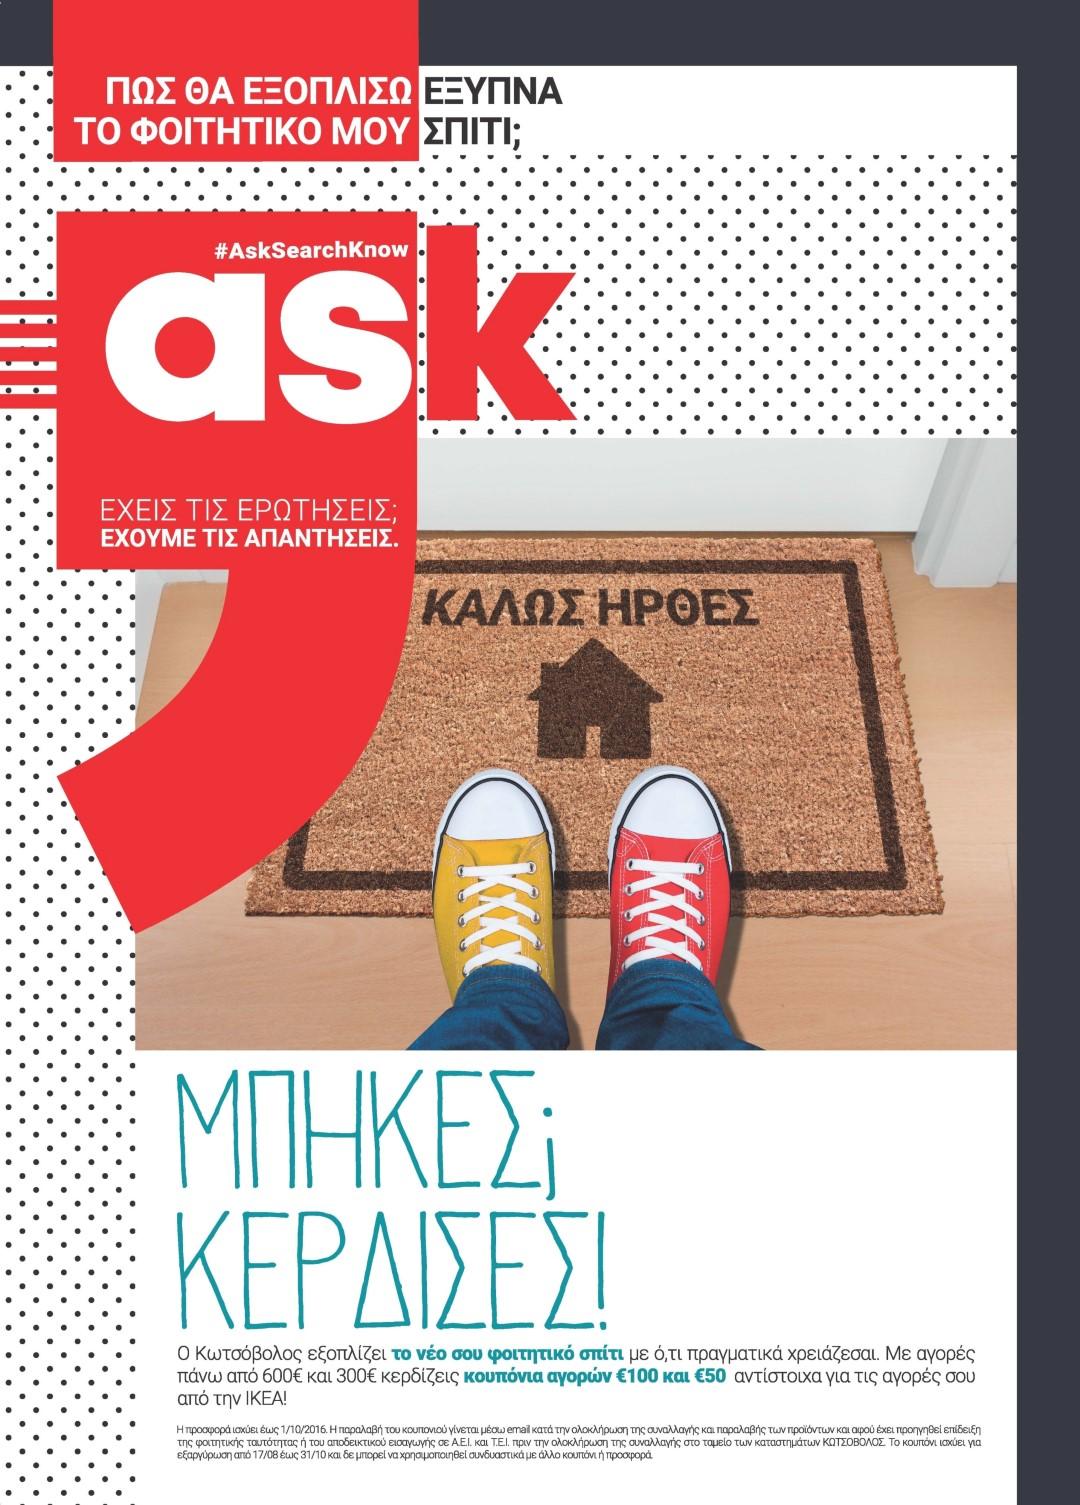 IKEA_KOTSOVOLOS (Large)